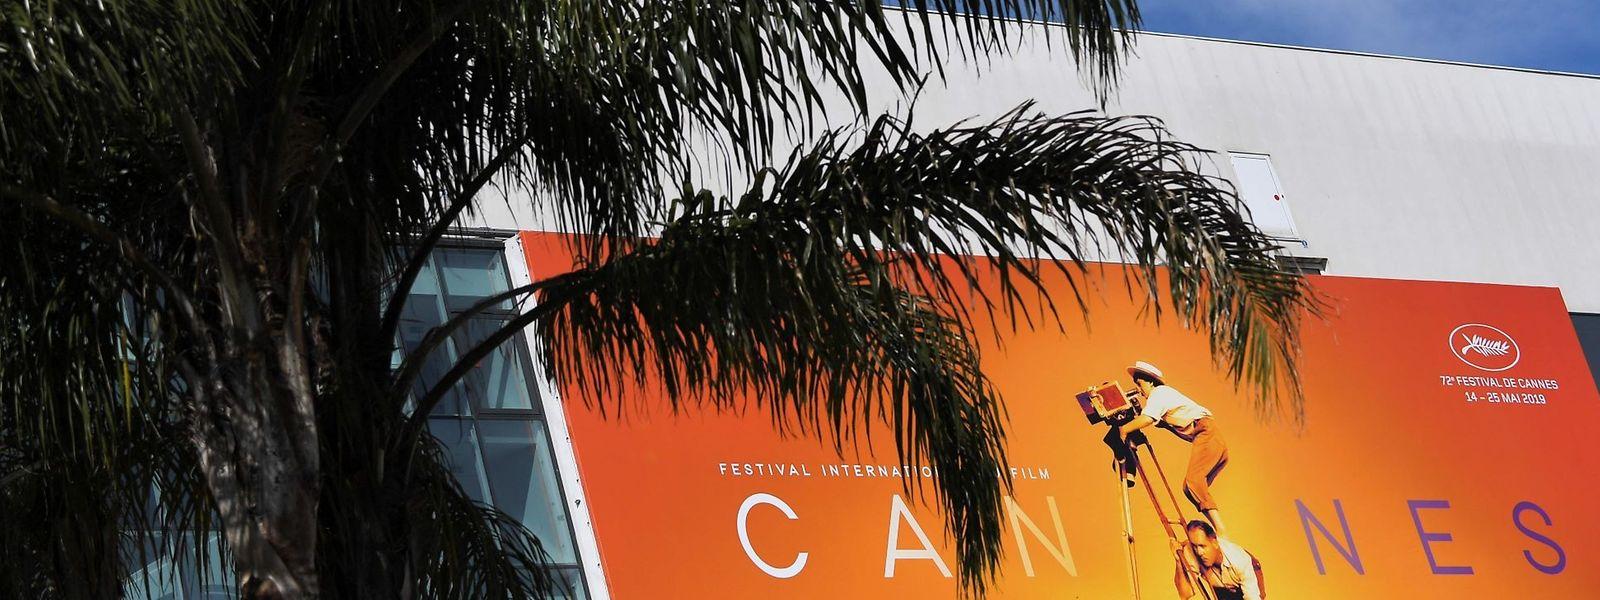 Le Festival de Cannes démarre sur les chapeaux de roue ce mardi avec de nombreuses célébrités.